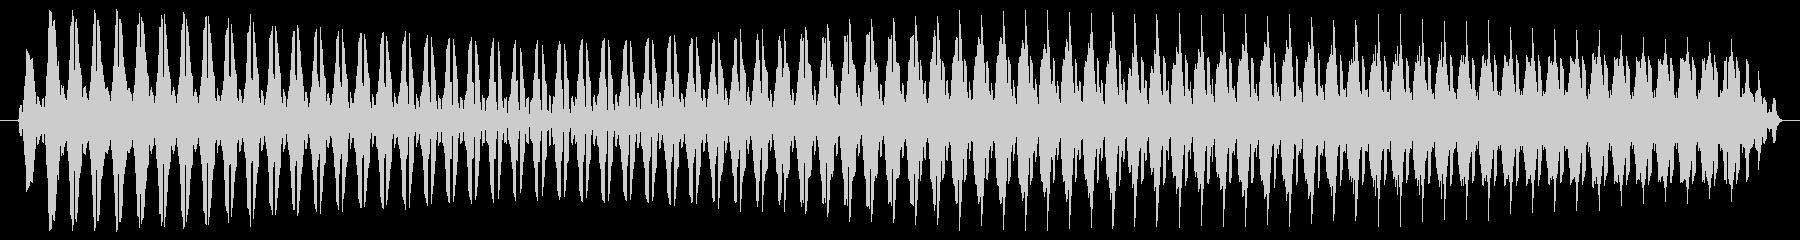 ヴュゥー。クイズ不正解・ブザー音の未再生の波形